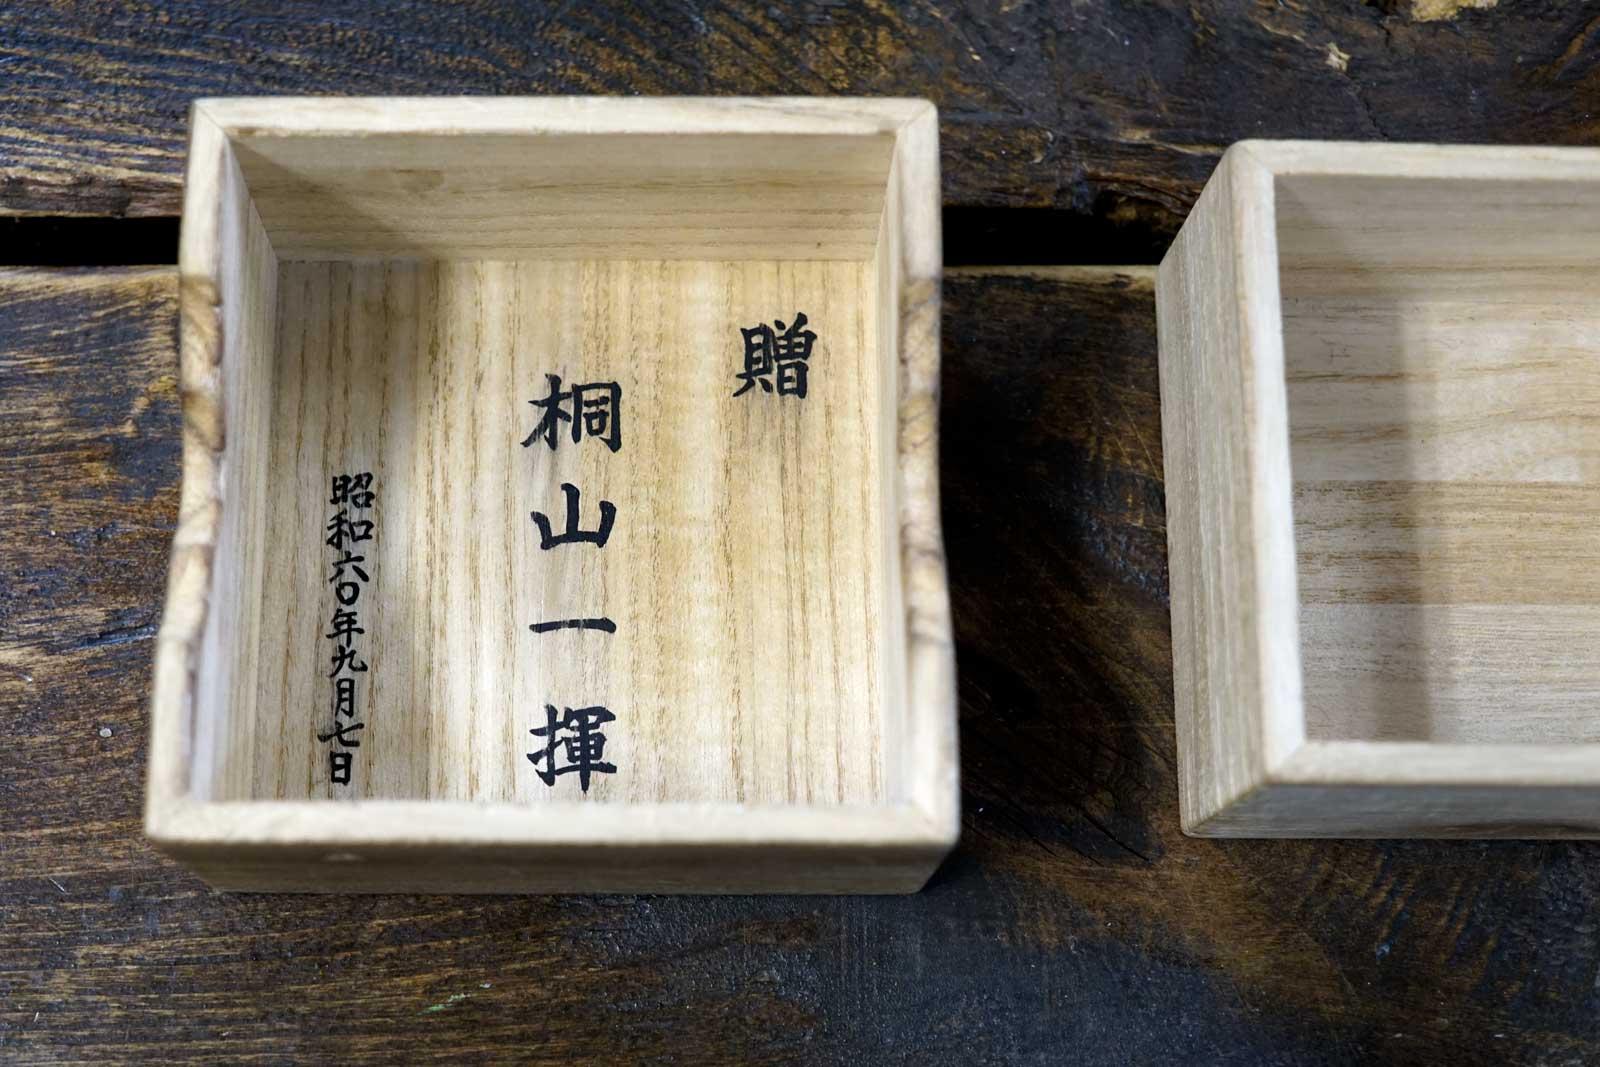 箱には桐山零くんのお父さんの名前が。